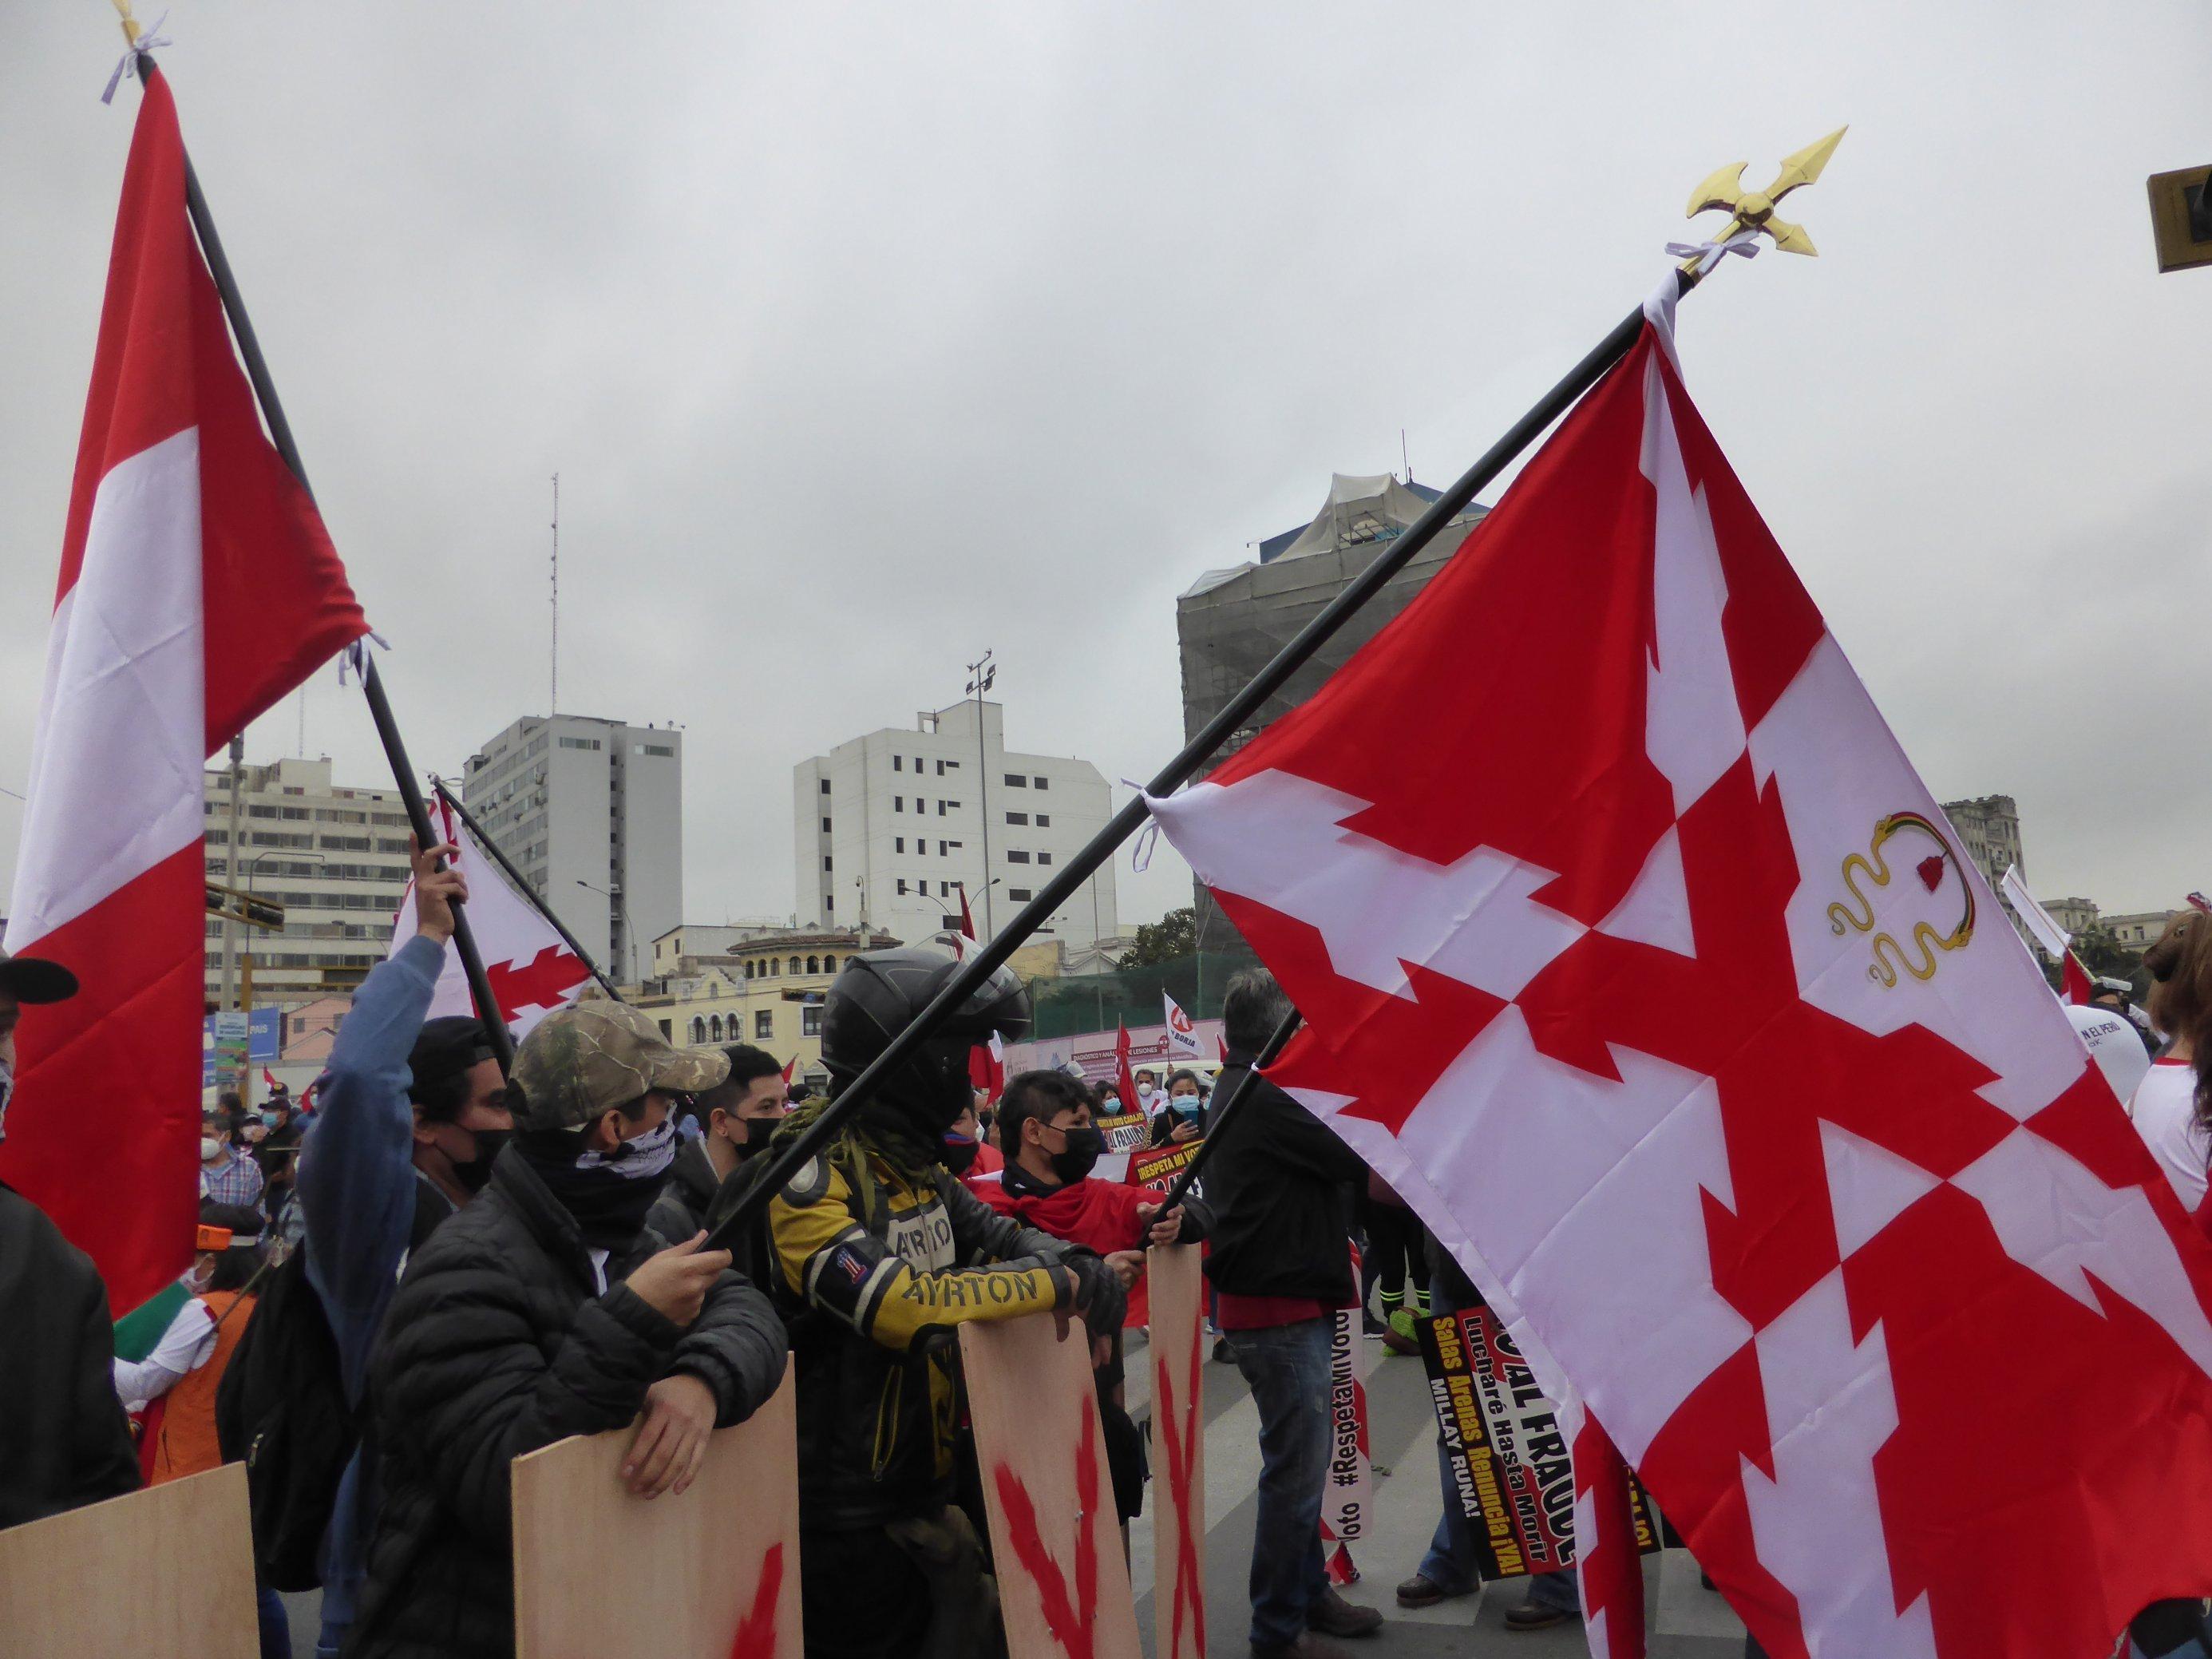 Demonstranten mit Fahnen, die ein quer gelegtes rotes Kreuz zeigen.